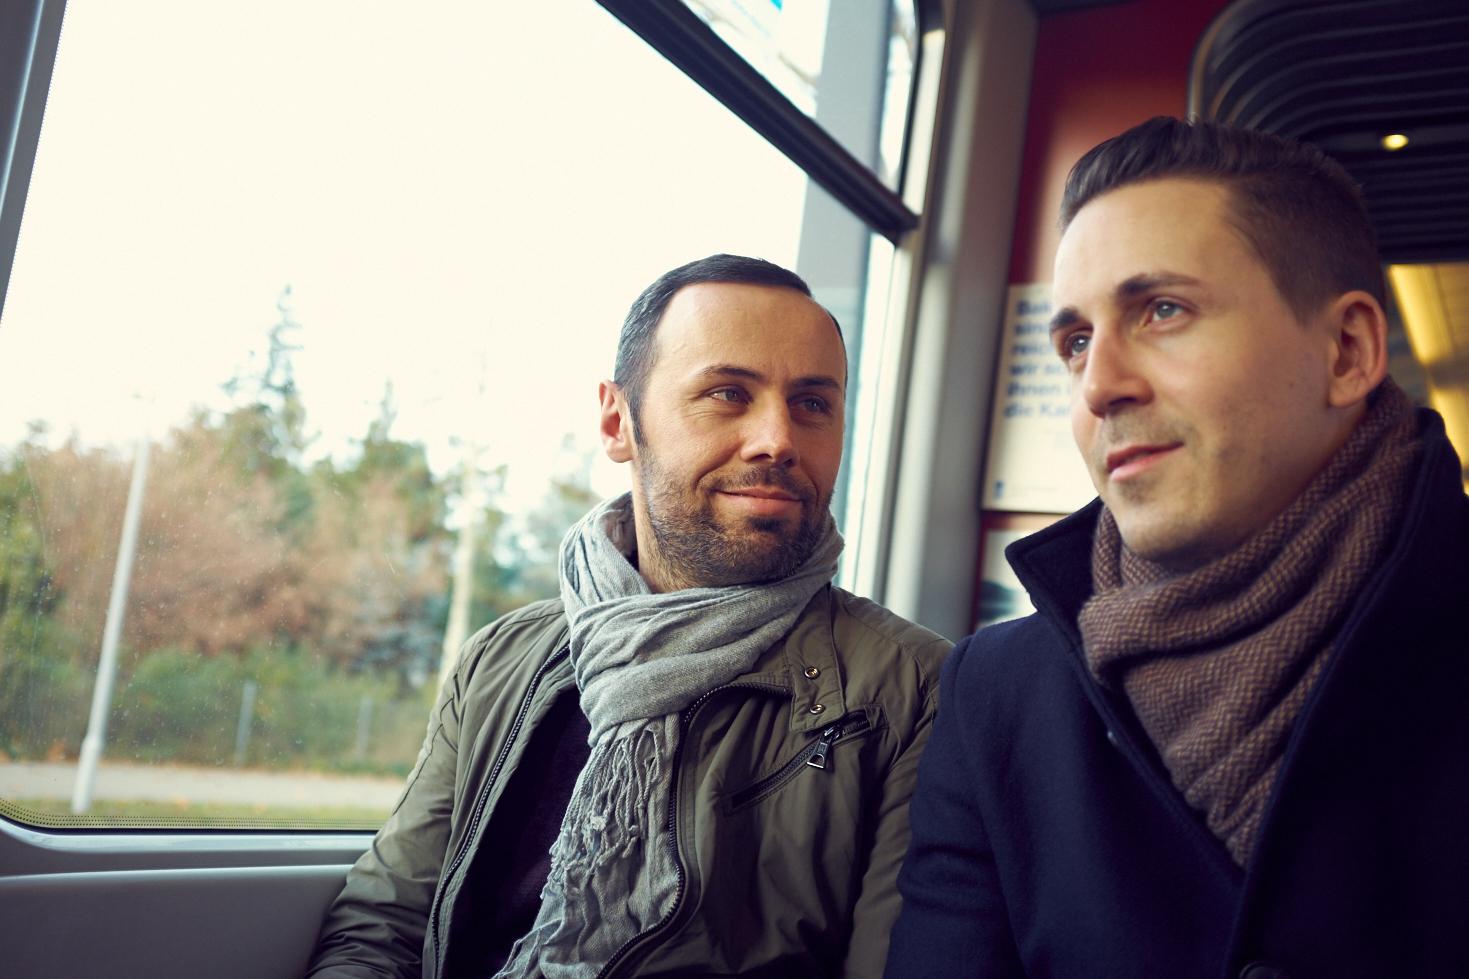 Fraktionstreffen_Zurich_2015 – 054